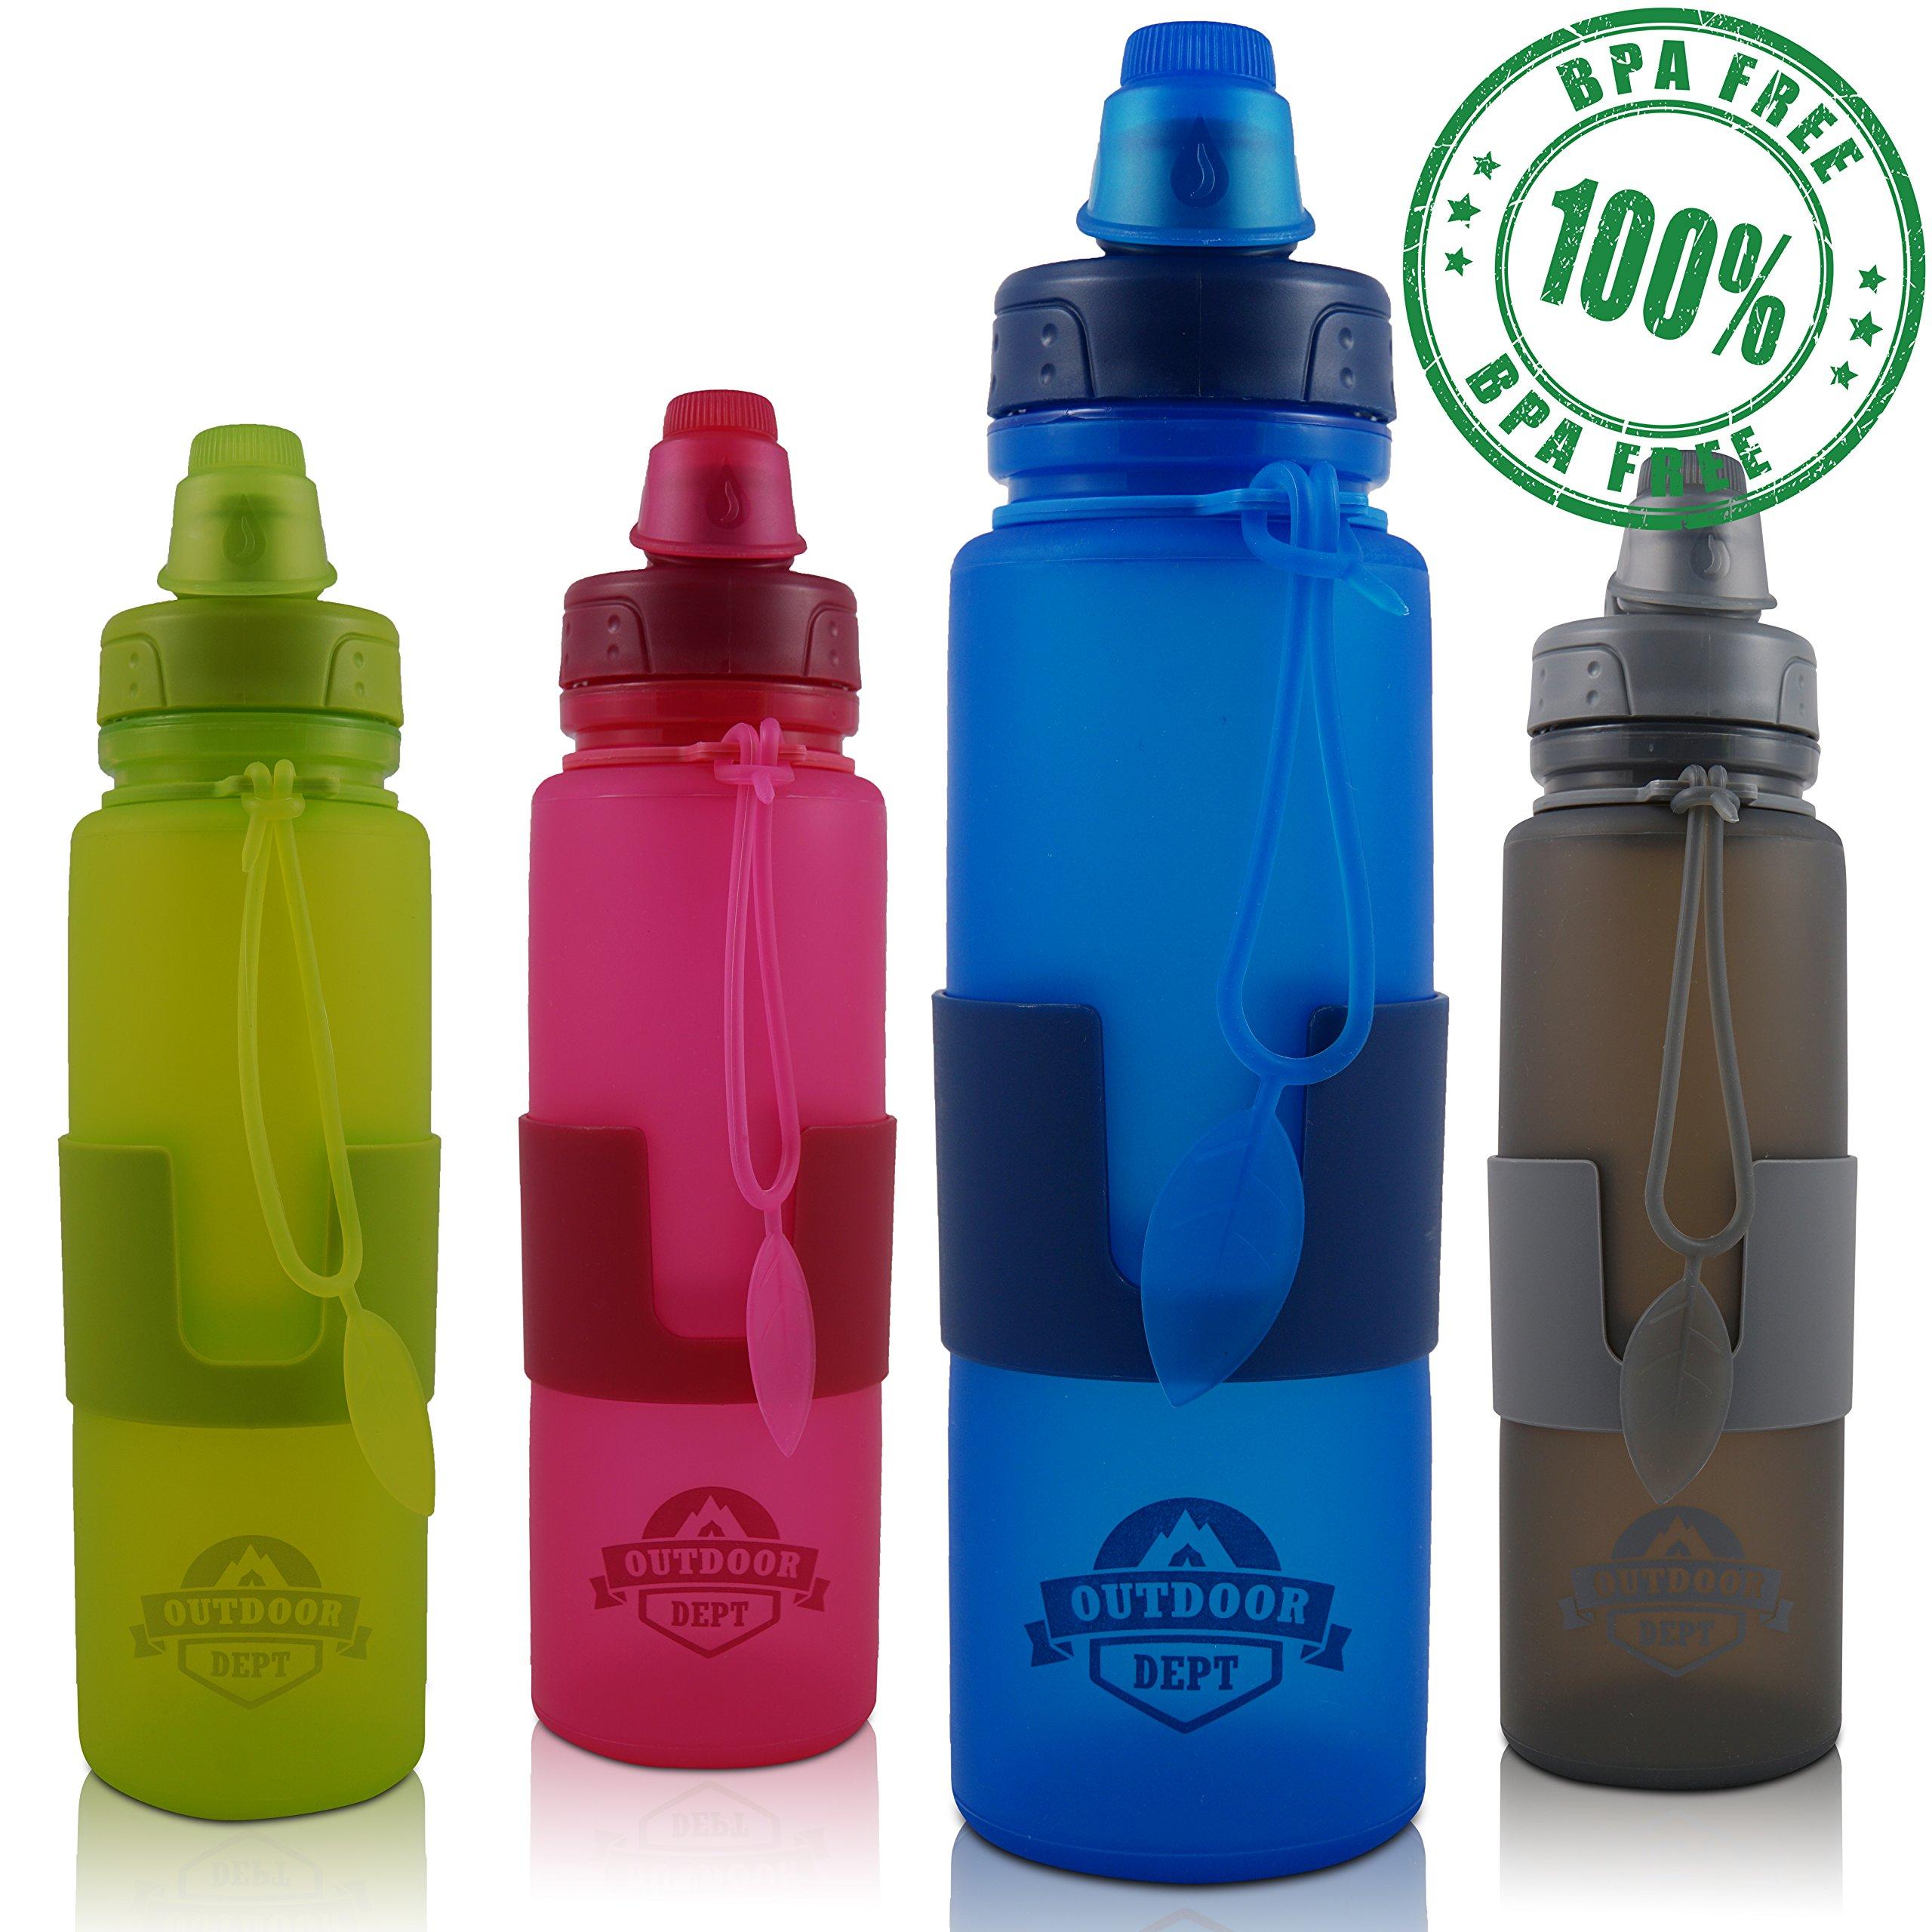 OUTDOOR DEPT Trinkflasche Kinder Isoliert Edelstahl 350 ML BPA Frei – Thermo Edelstahlflasche Kinderflasche mit…